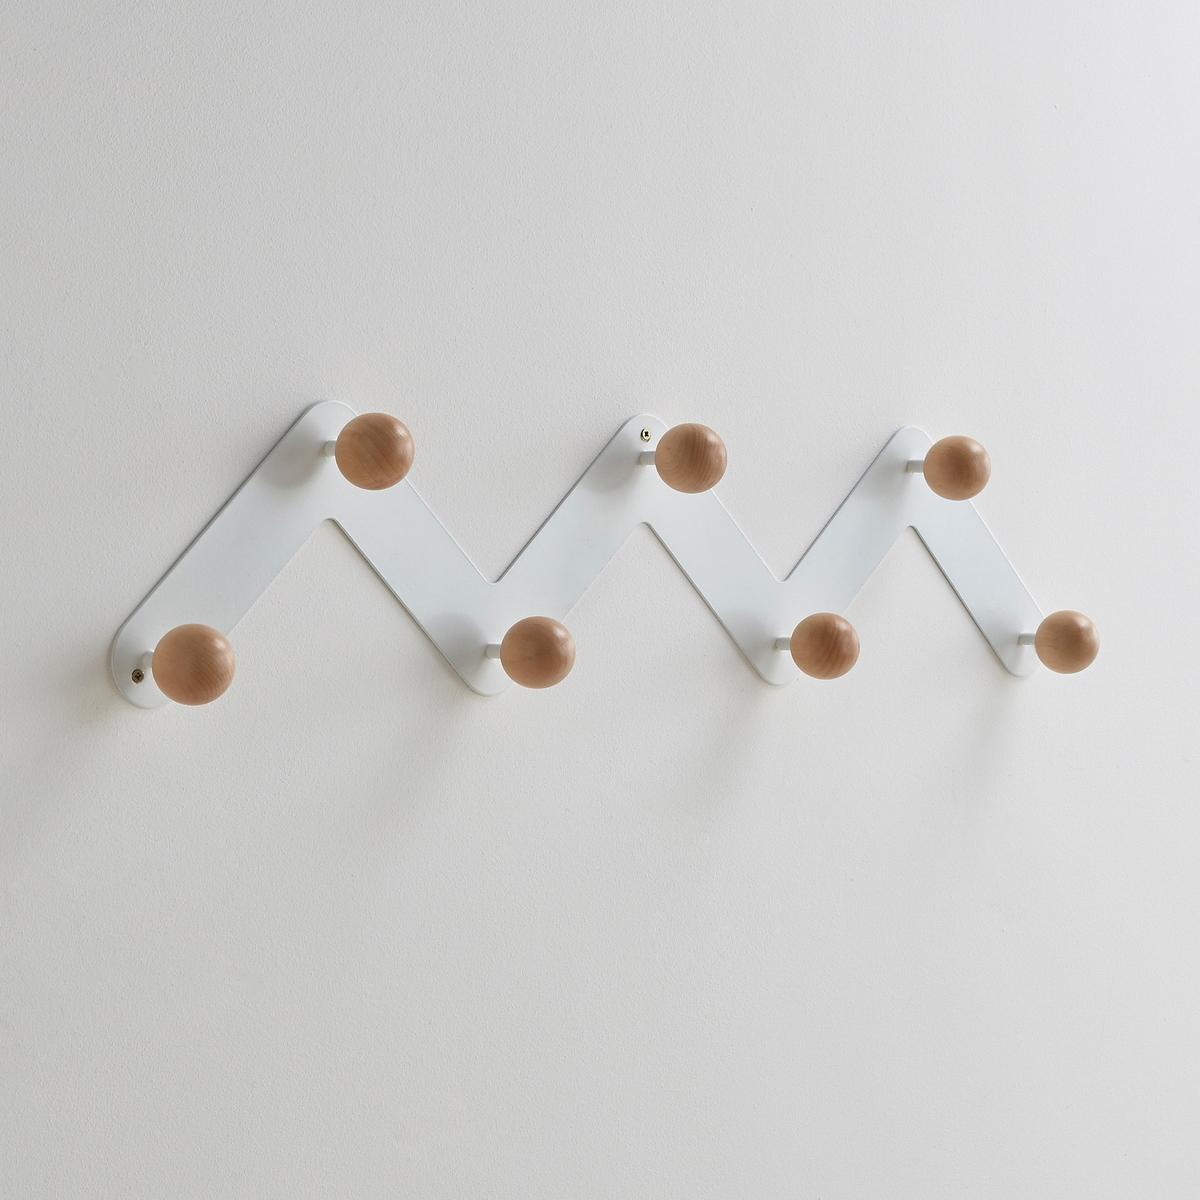 Вешалка настенная AGAMA с 7 держателямиВешалка настенная AGAMA на металлическом суппорте зигзагообразной формы для размещения любых вещей. 7 круглых держателей из натурального дерева (береза) на металлическом каркасе черного или белого цвета. Крепления в комплект не входят.Размеры:Диаметр: 5 см.Ширина: 89,7.Высота: 19 см.Глубина: 7,5 см.<br><br>Цвет: белый,черный